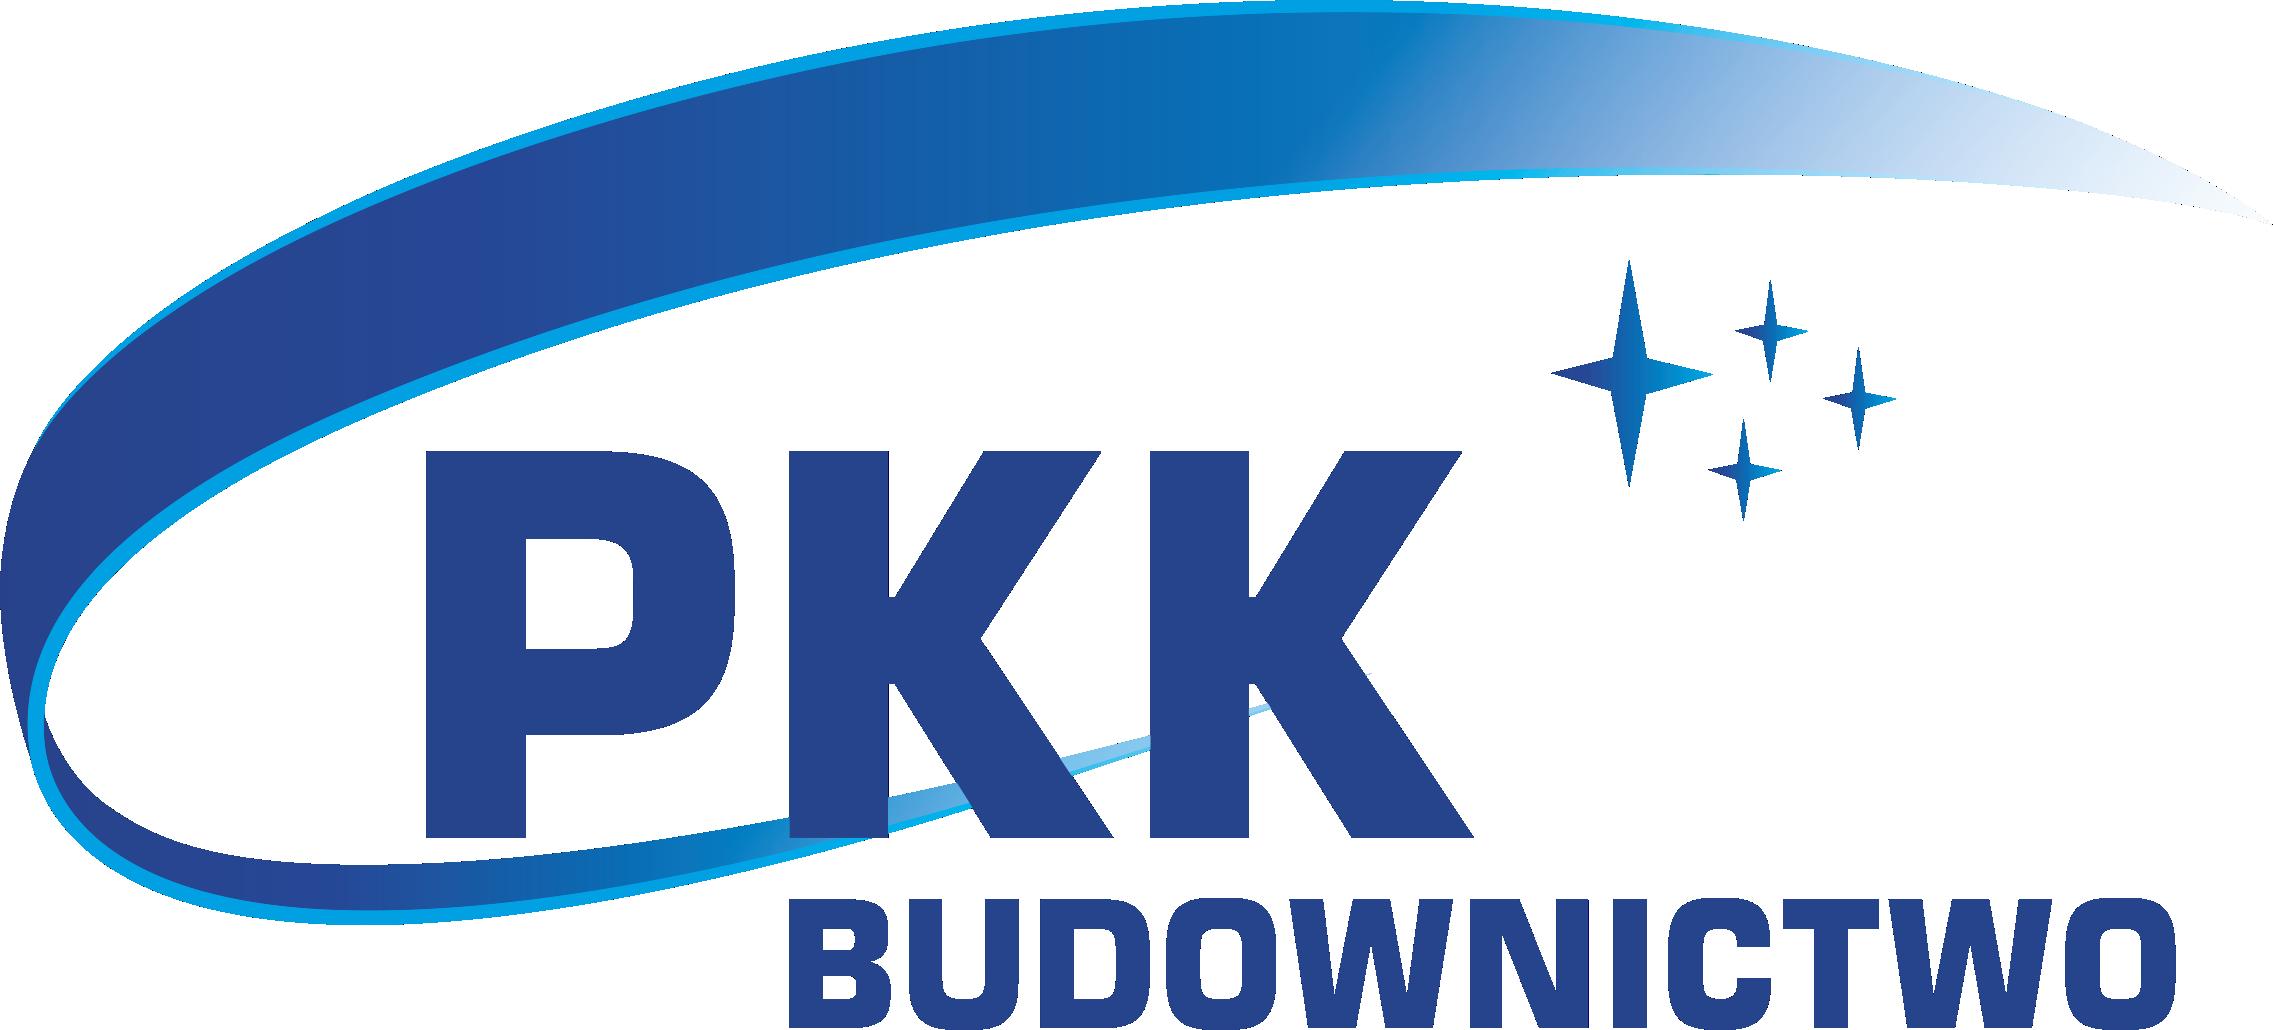 PKK Budownictwo